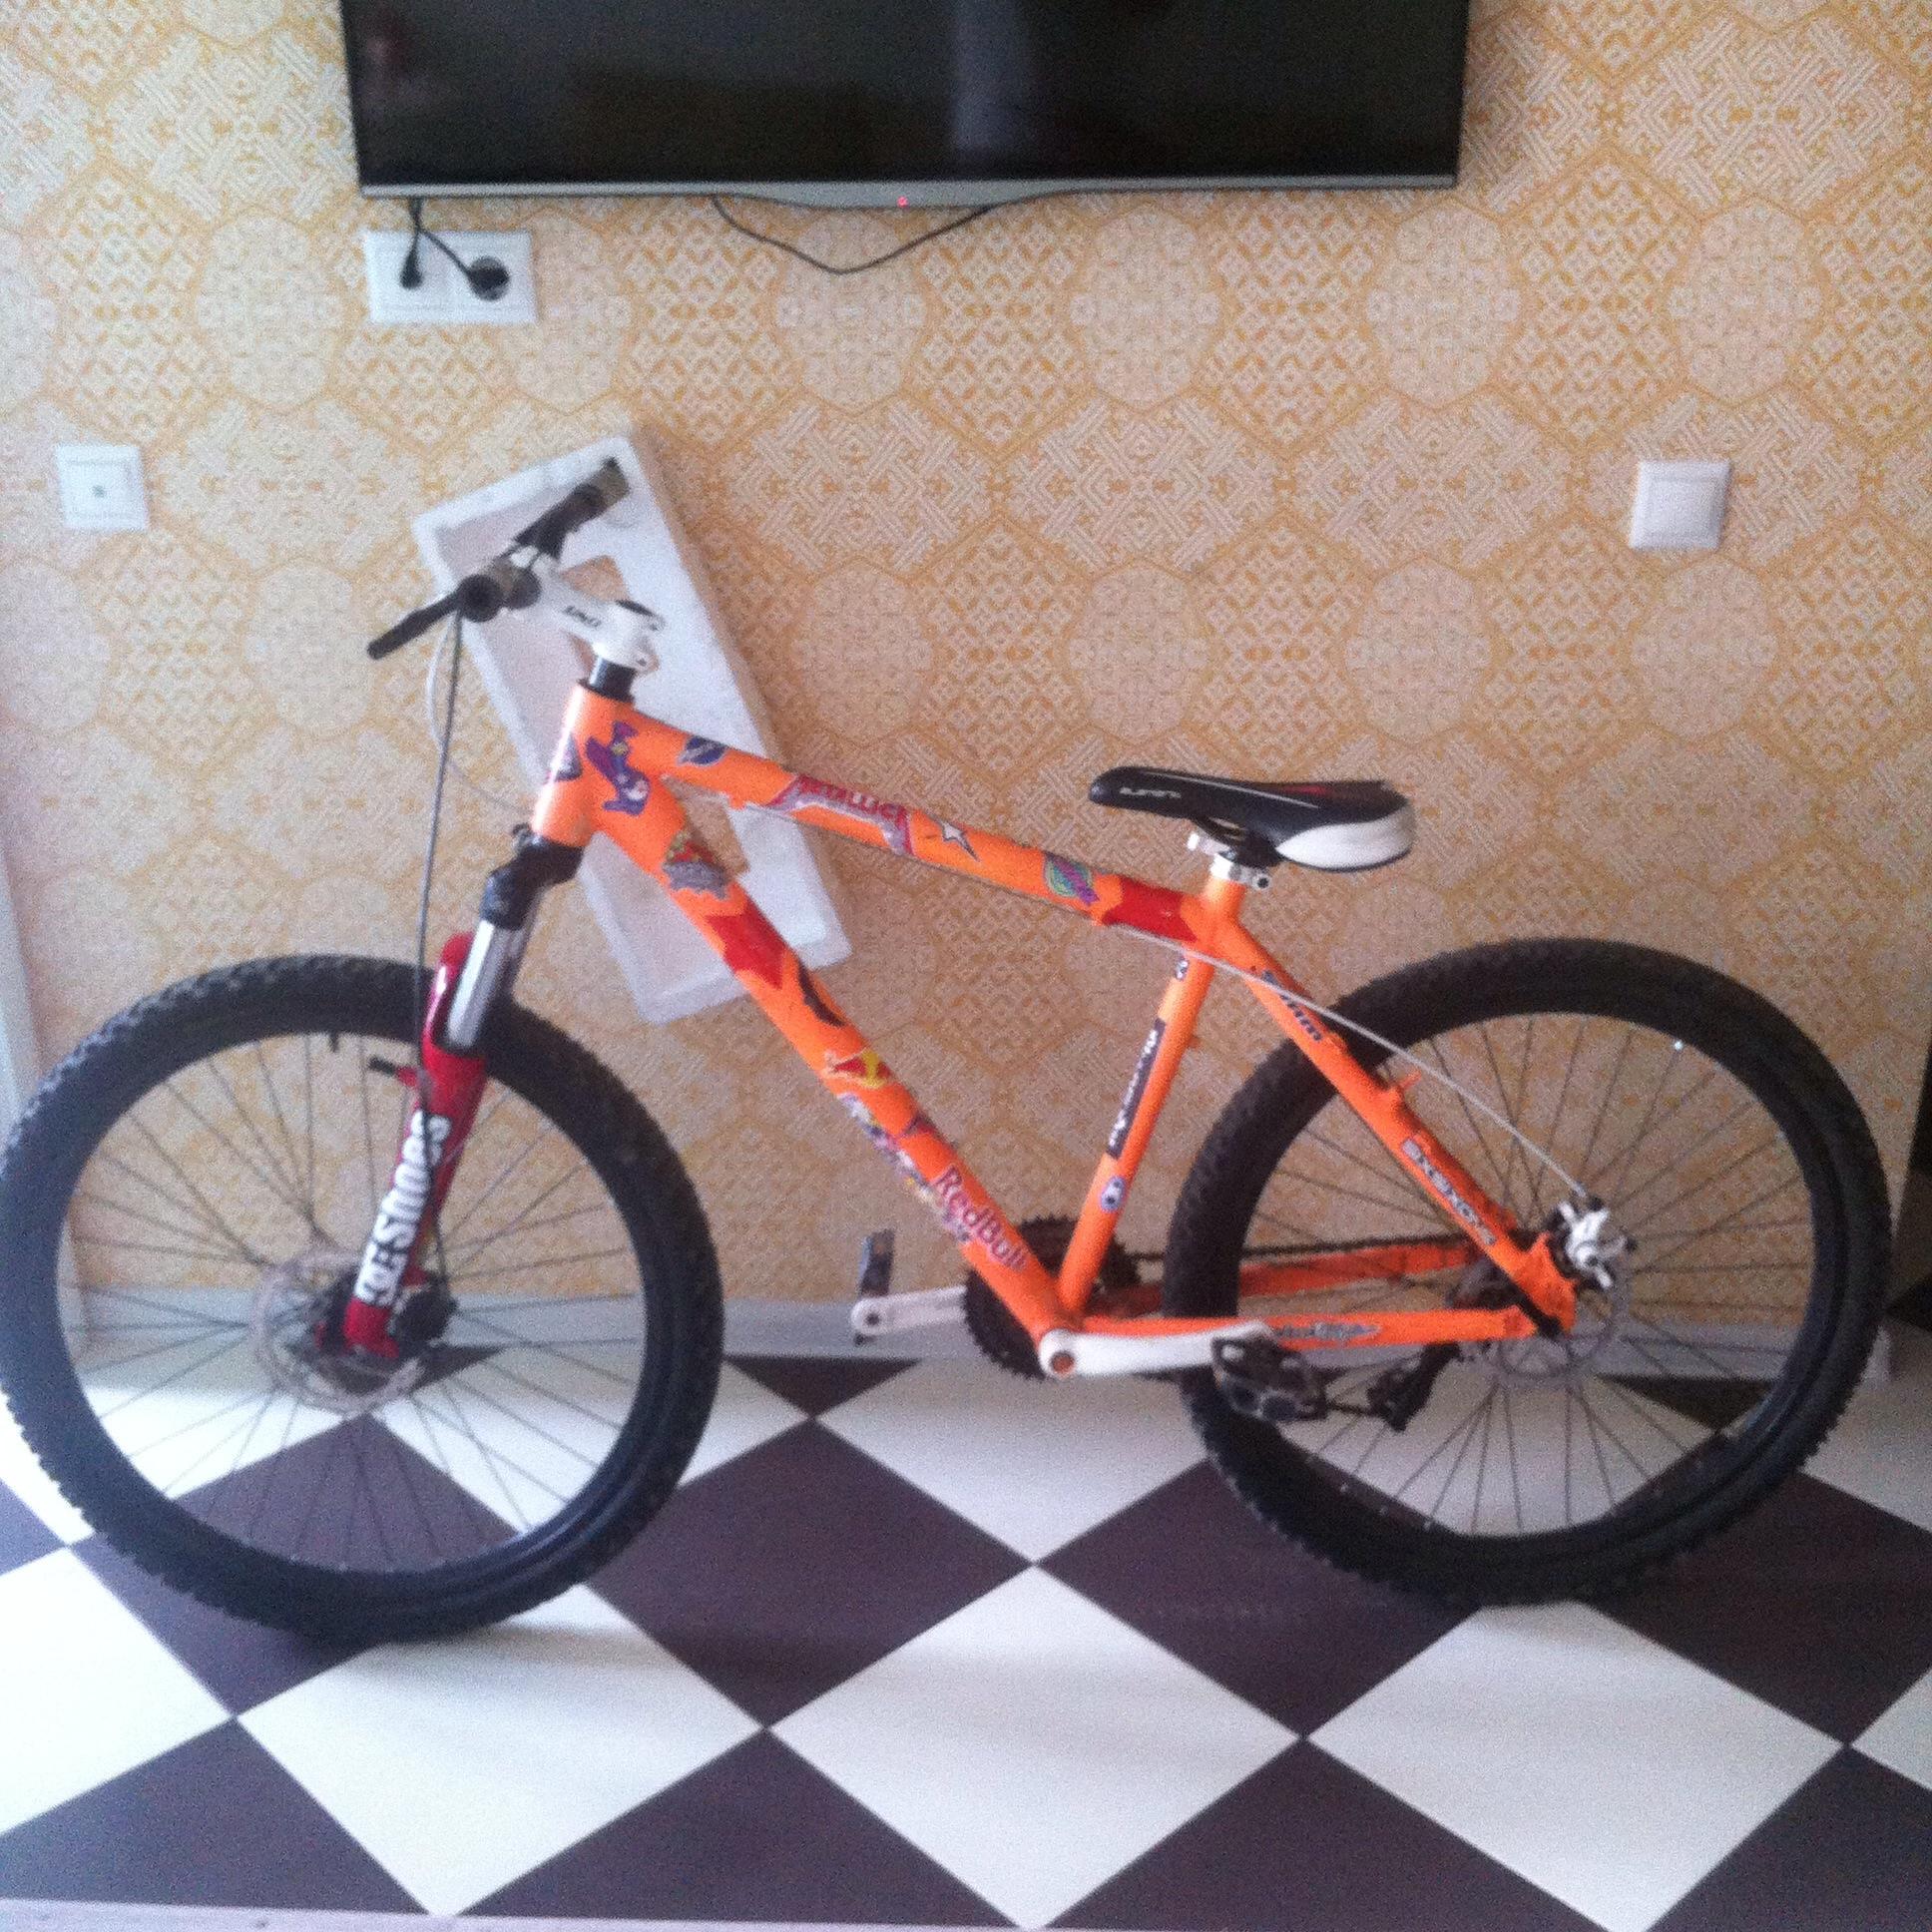 Покупка велосипеда без скоростей, но с дисковыми тормозами